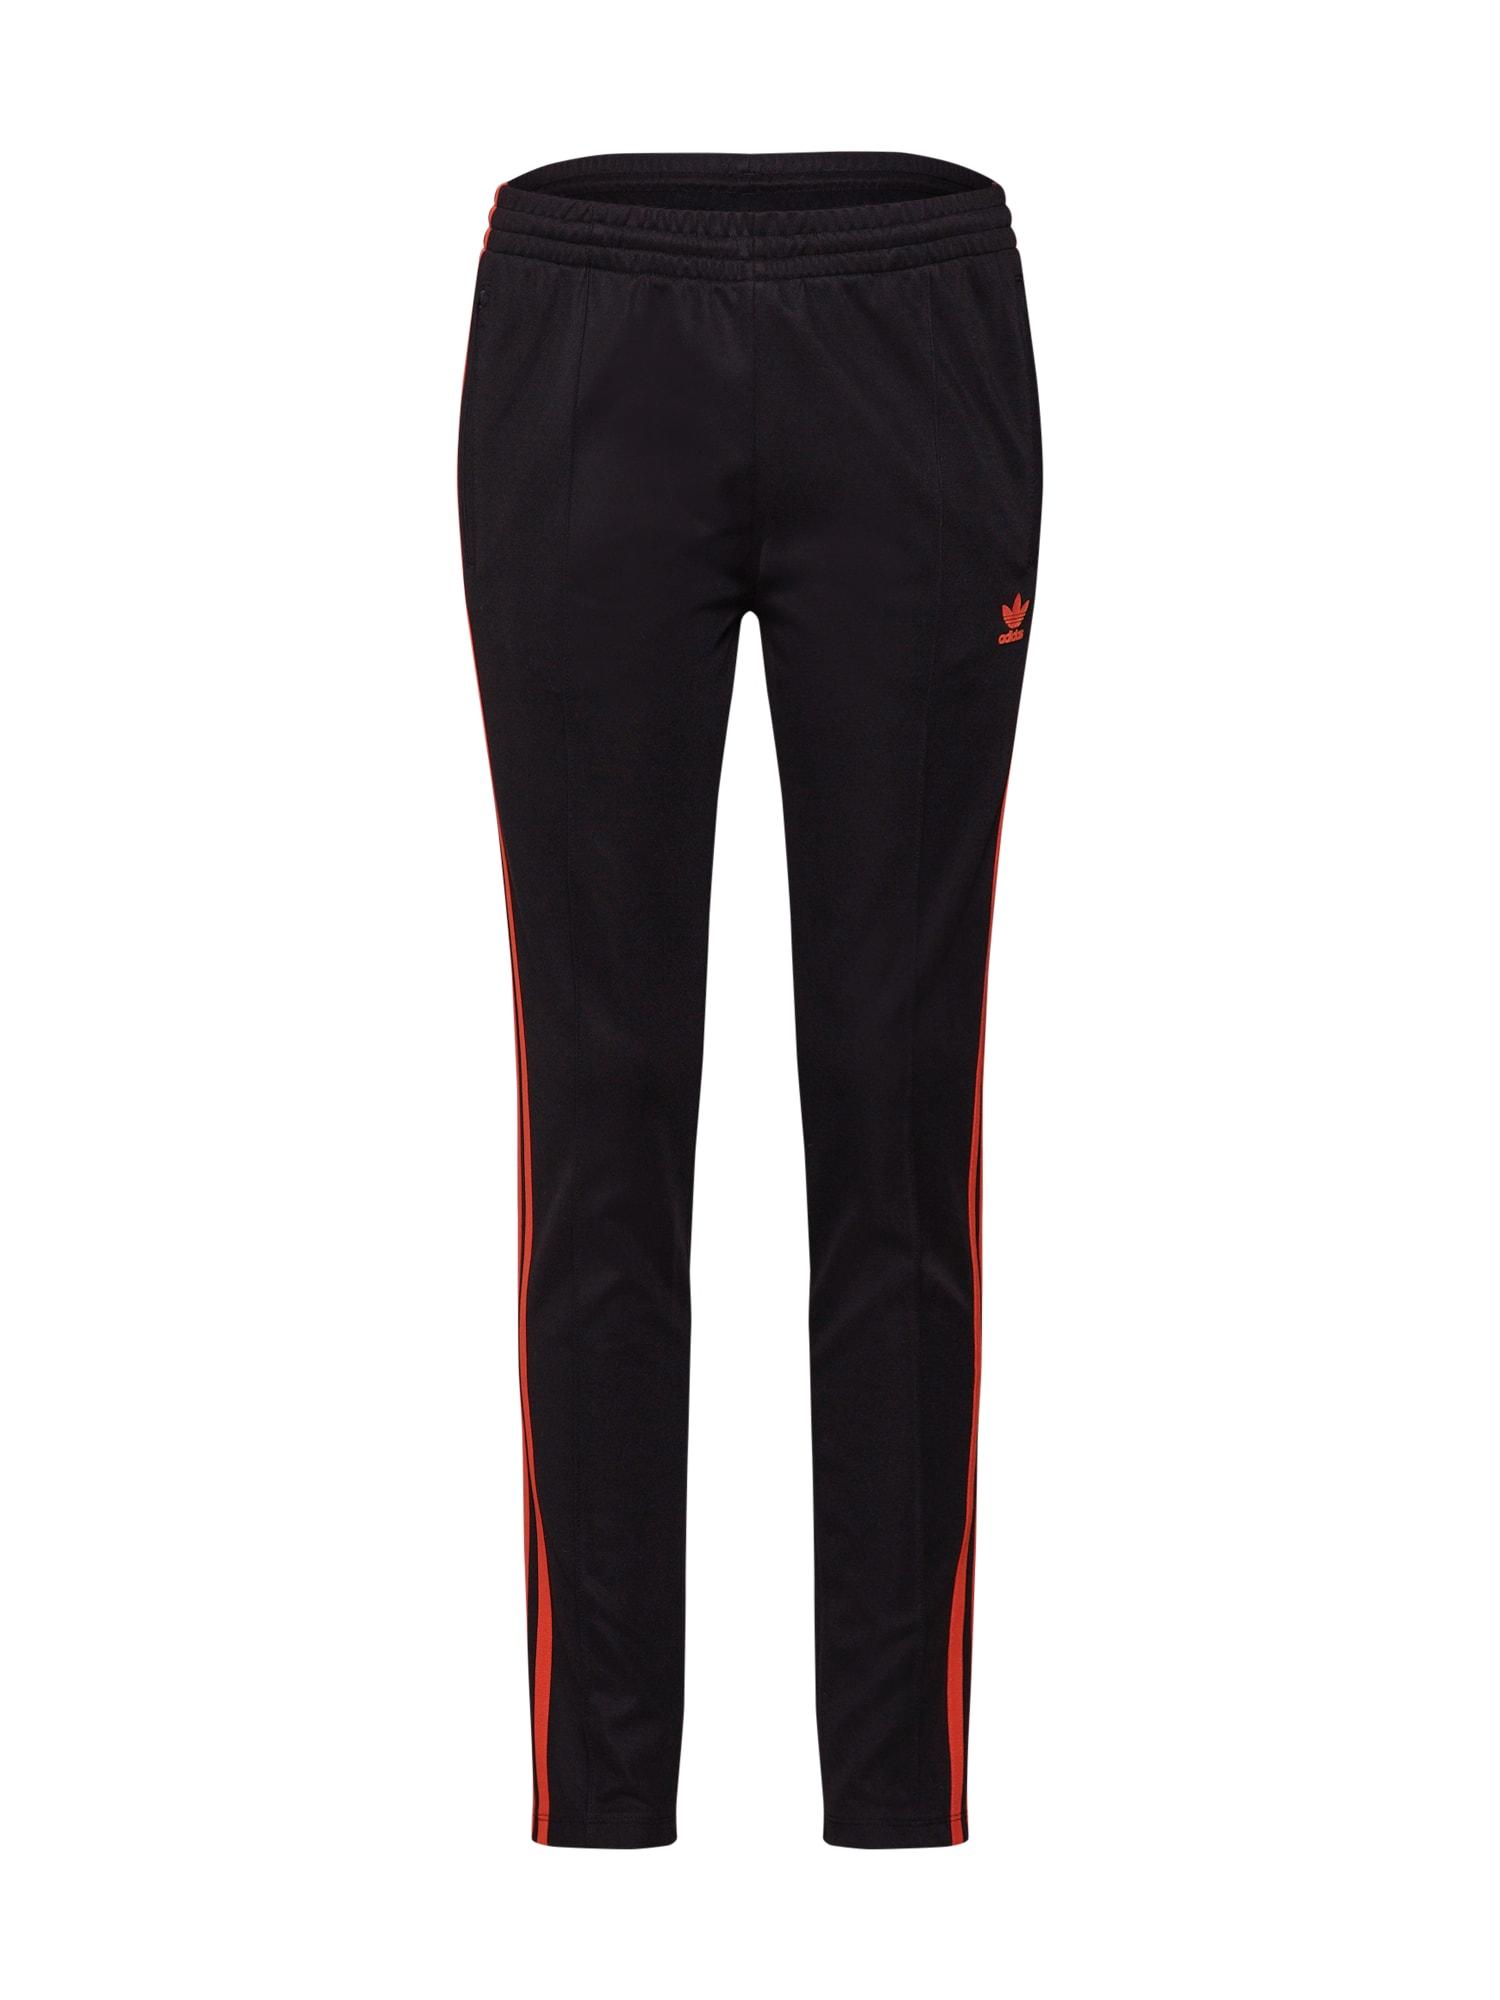 Kalhoty SST TRACK PANTS oranžová černá ADIDAS ORIGINALS